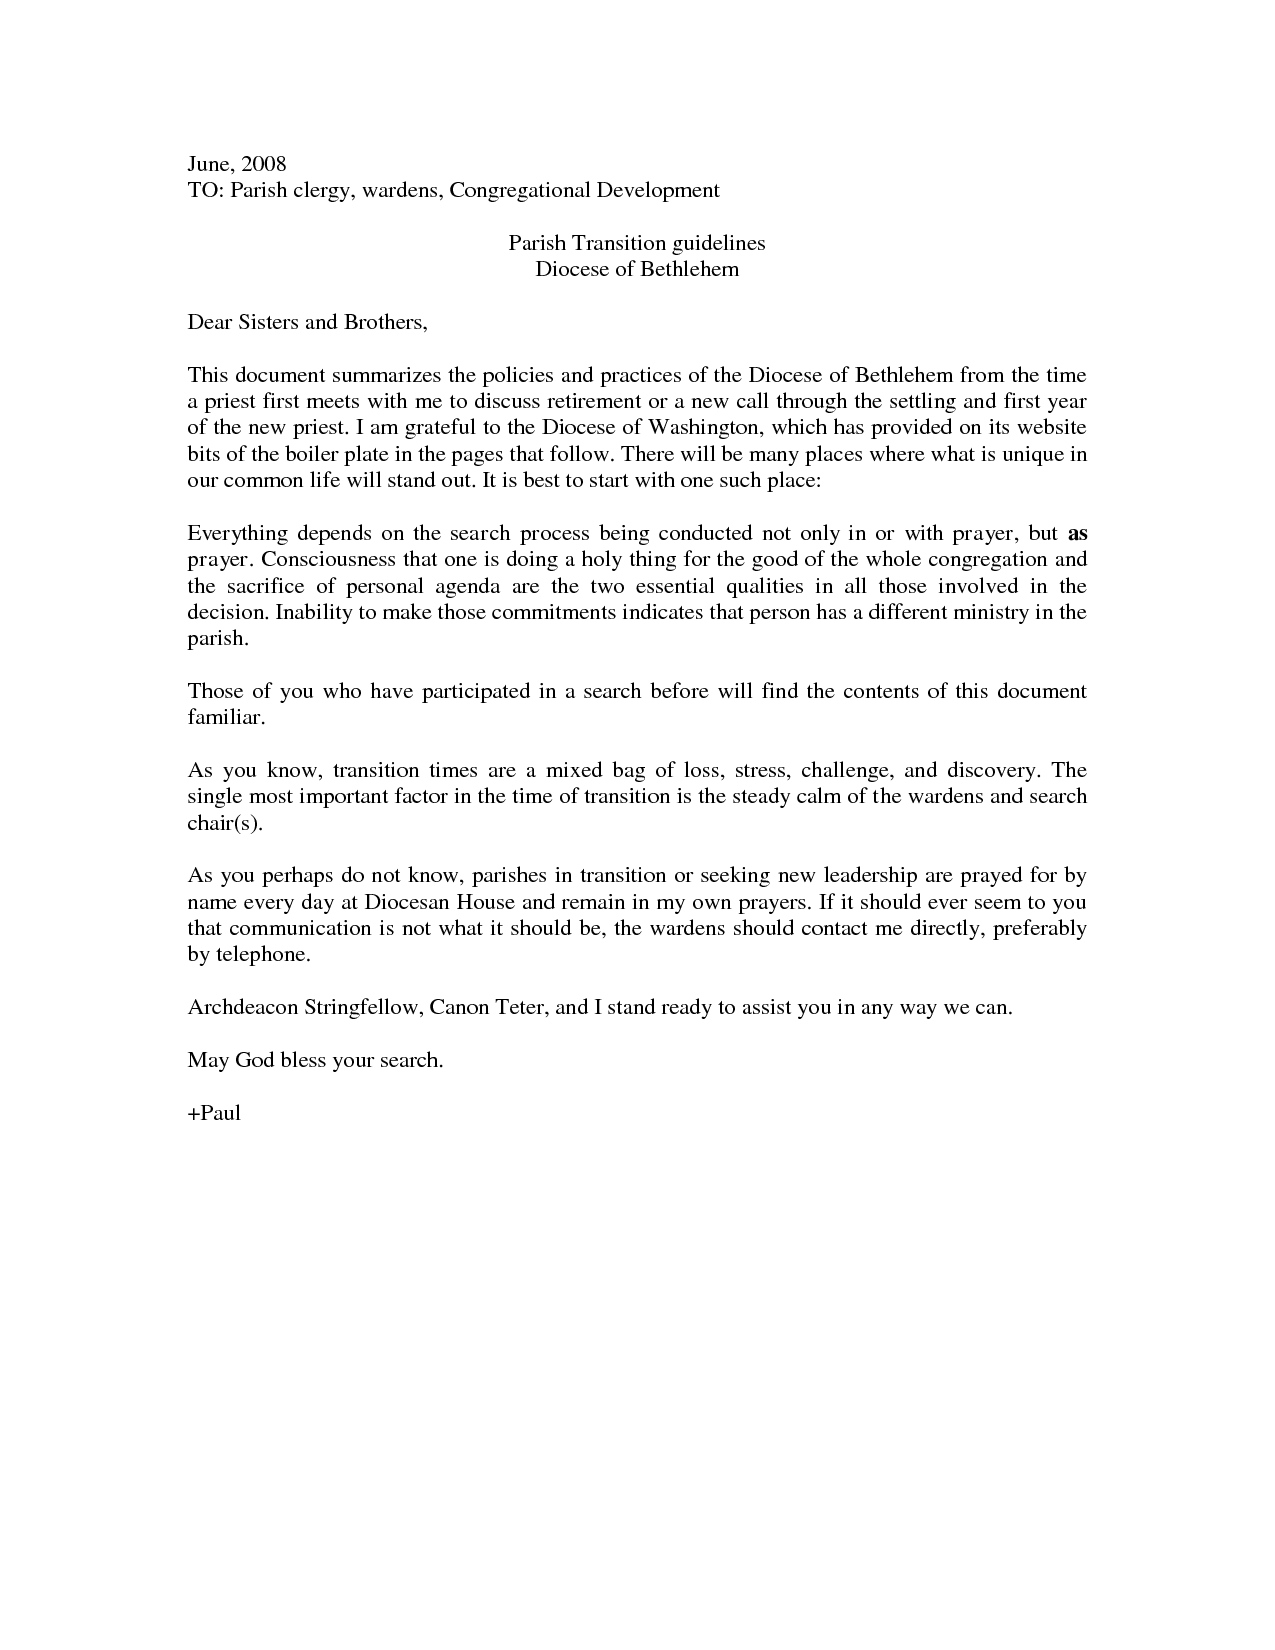 Bid Farewell Letter Sample